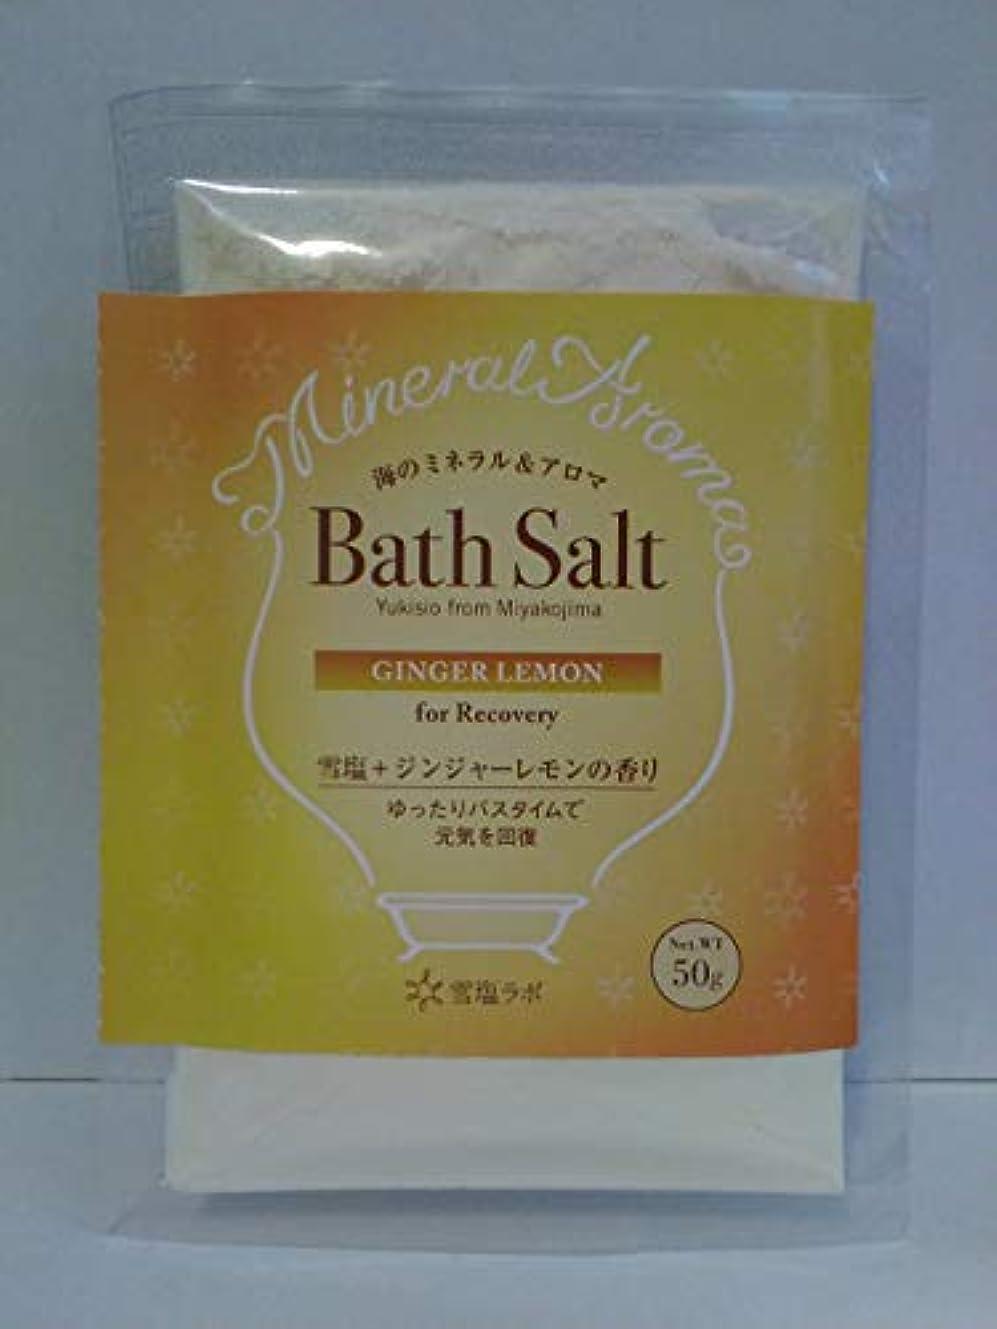 ファイアル雰囲気消毒剤海のミネラル&アロマ Bath Salt 雪塩+ジンジャーレモンの香り